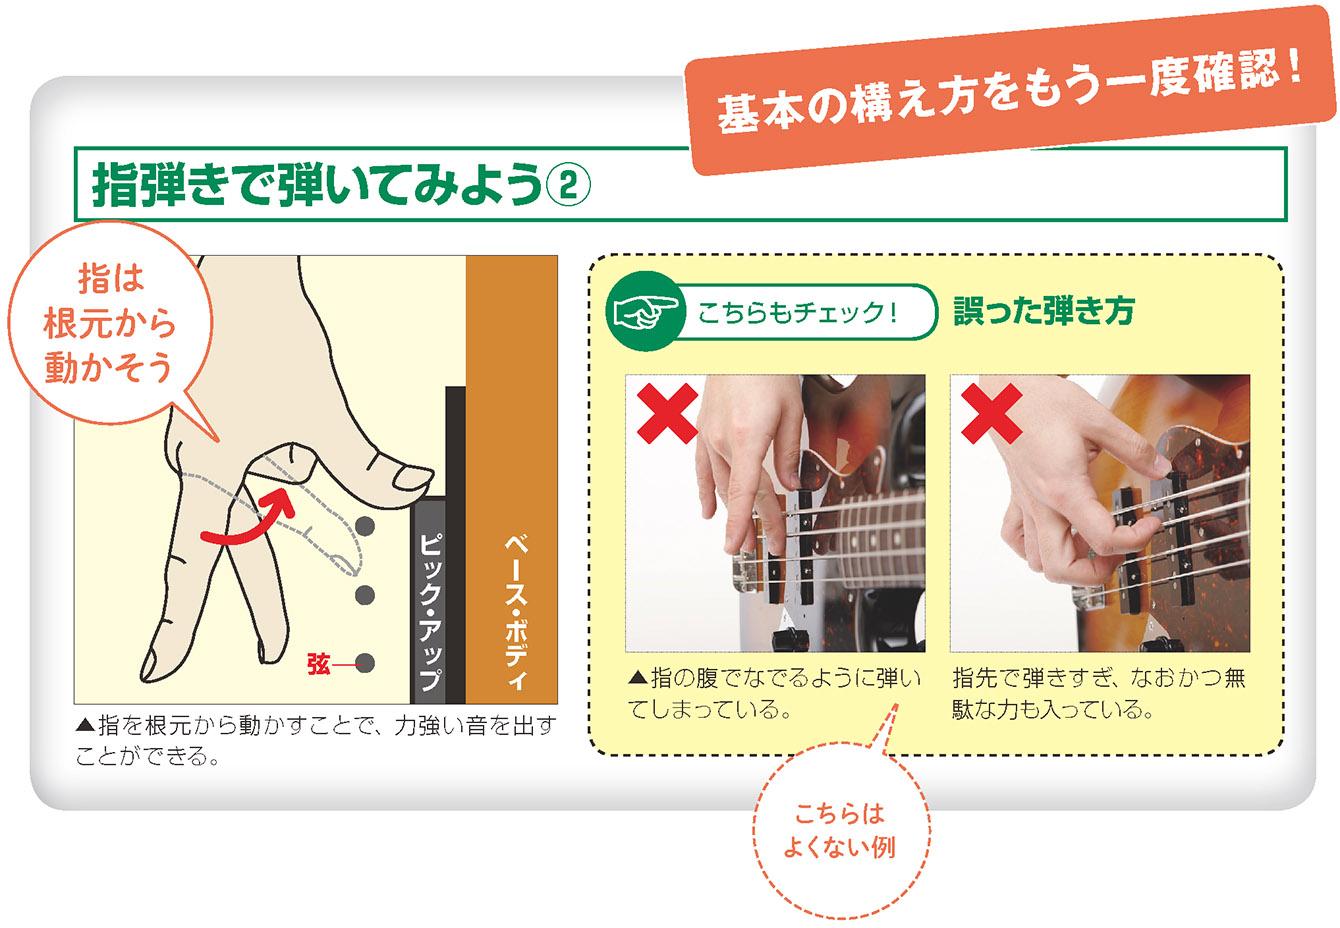 http://musicschool-navi.jp/columns/keion_v1_ba04.jpg